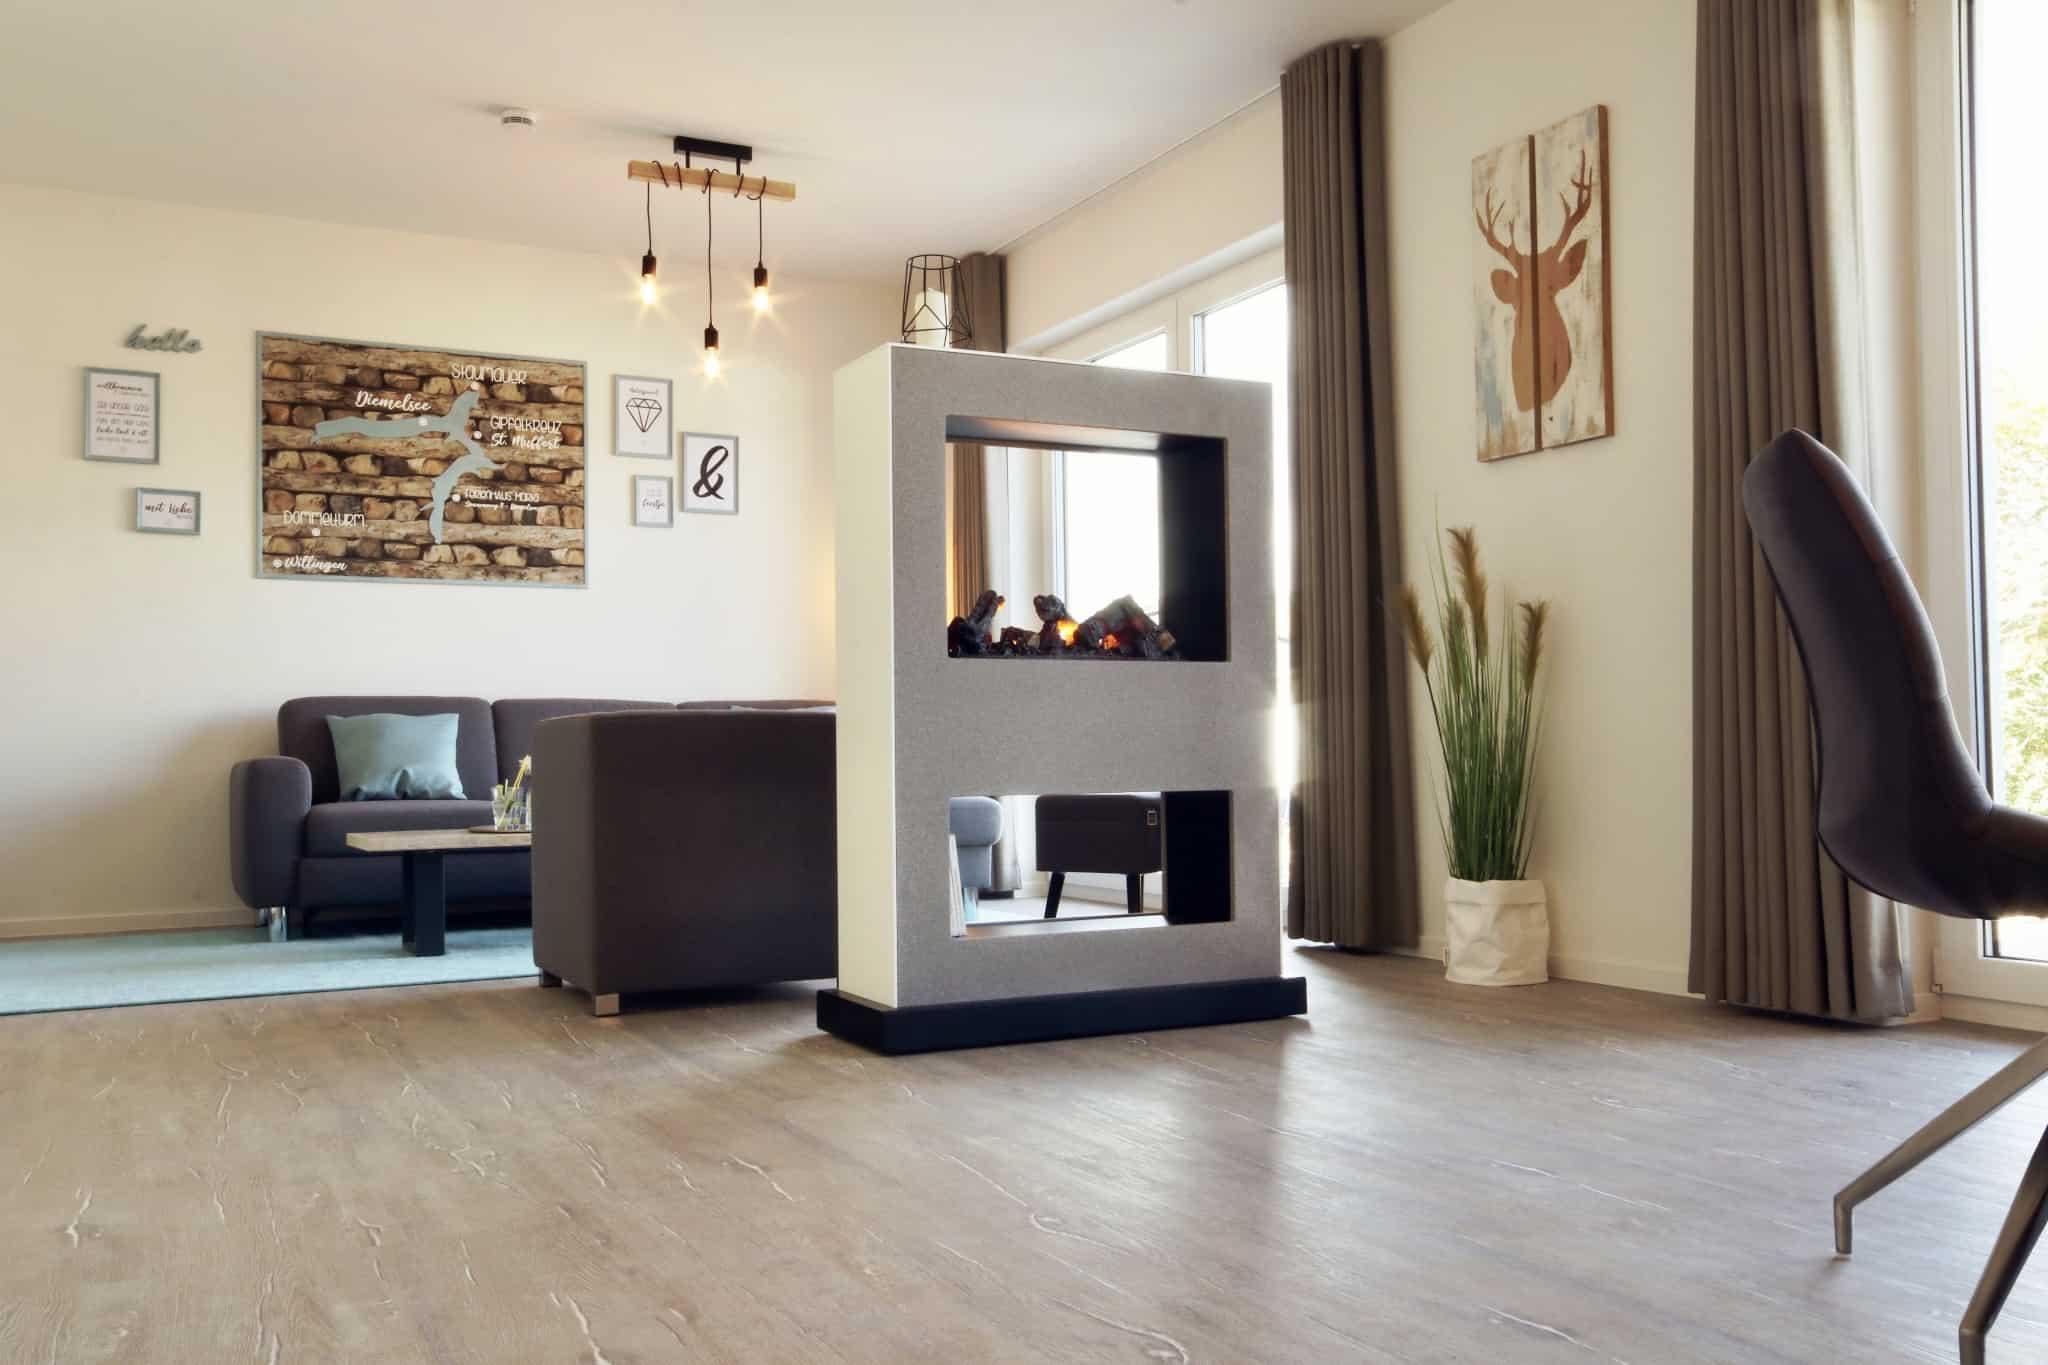 Ferienhaus Marta am Diemelsee Wohnzimmer